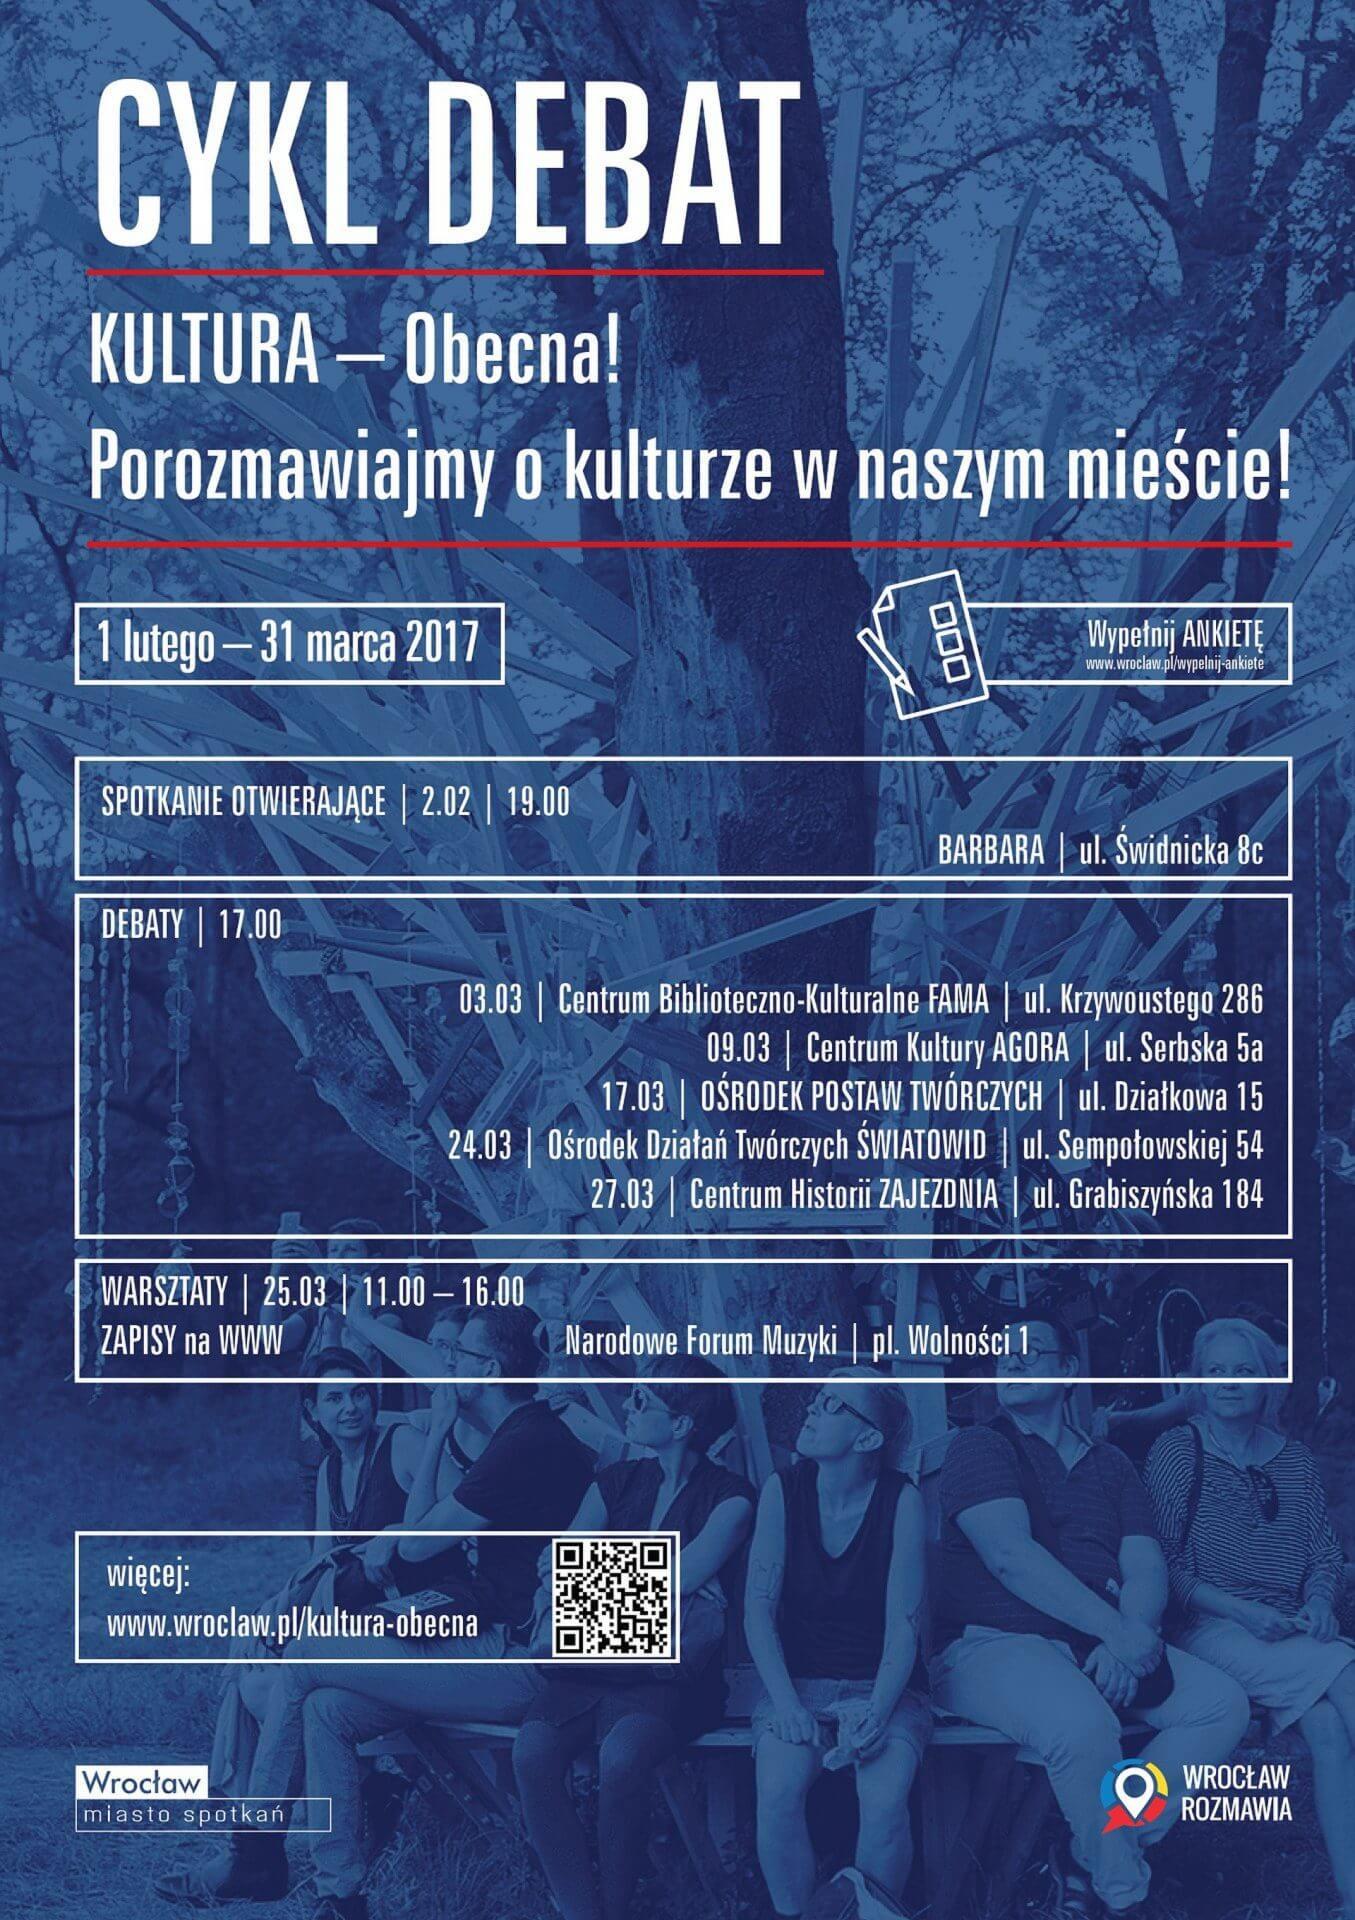 Podtrzymanie prestiżu wrocławskiej kultury – Debata wOPT (17.03)